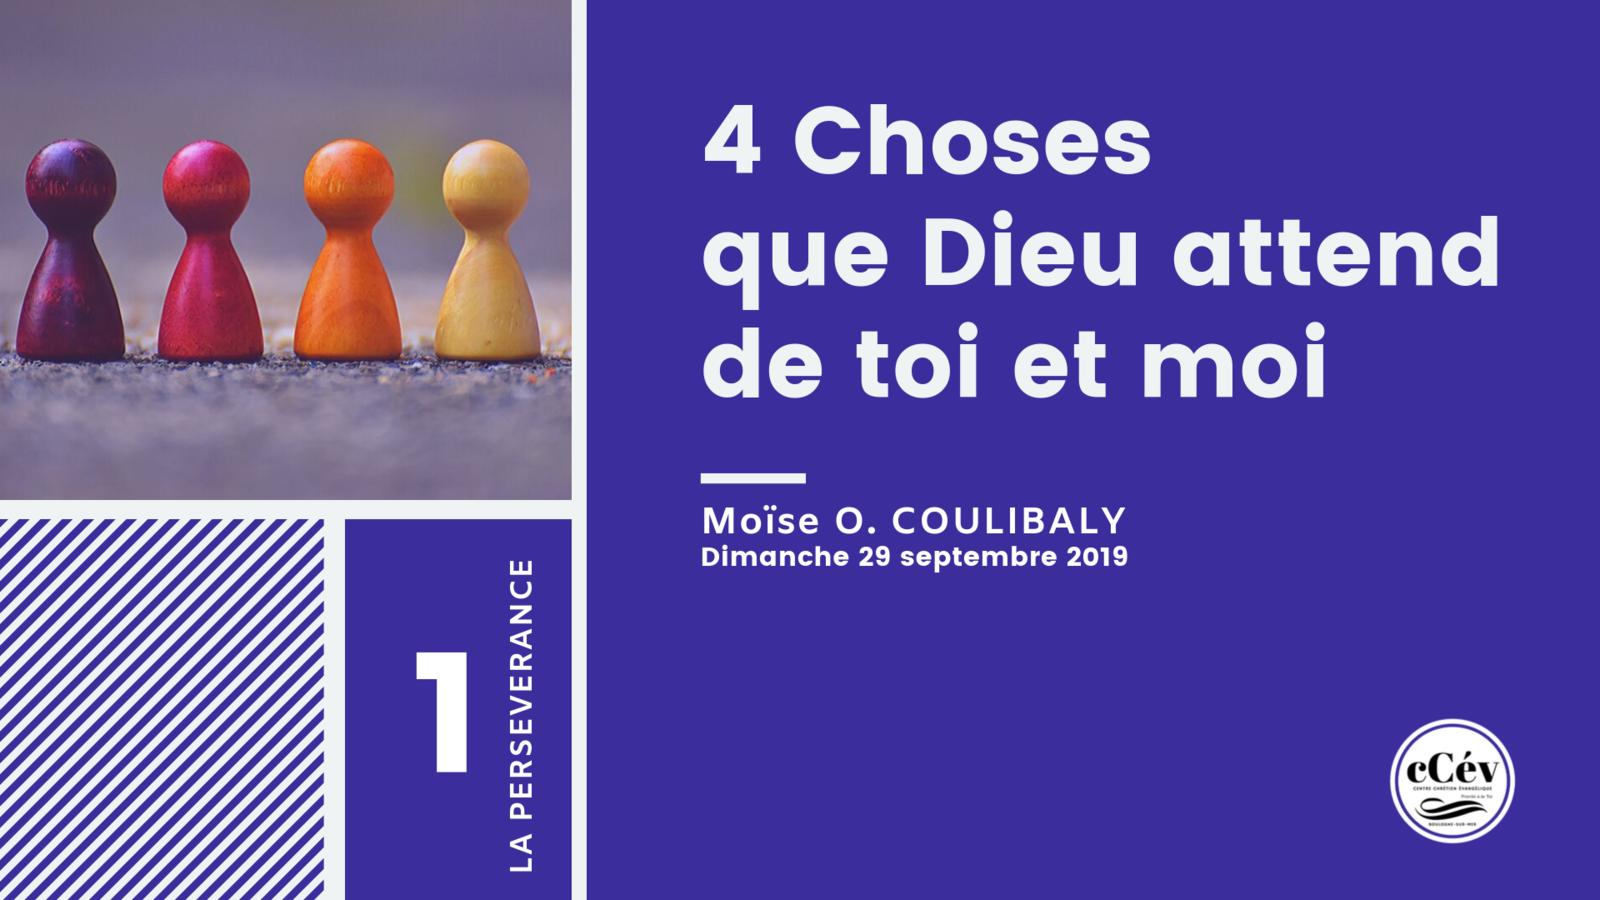 Prédication du dimanche 29 septembre 2019